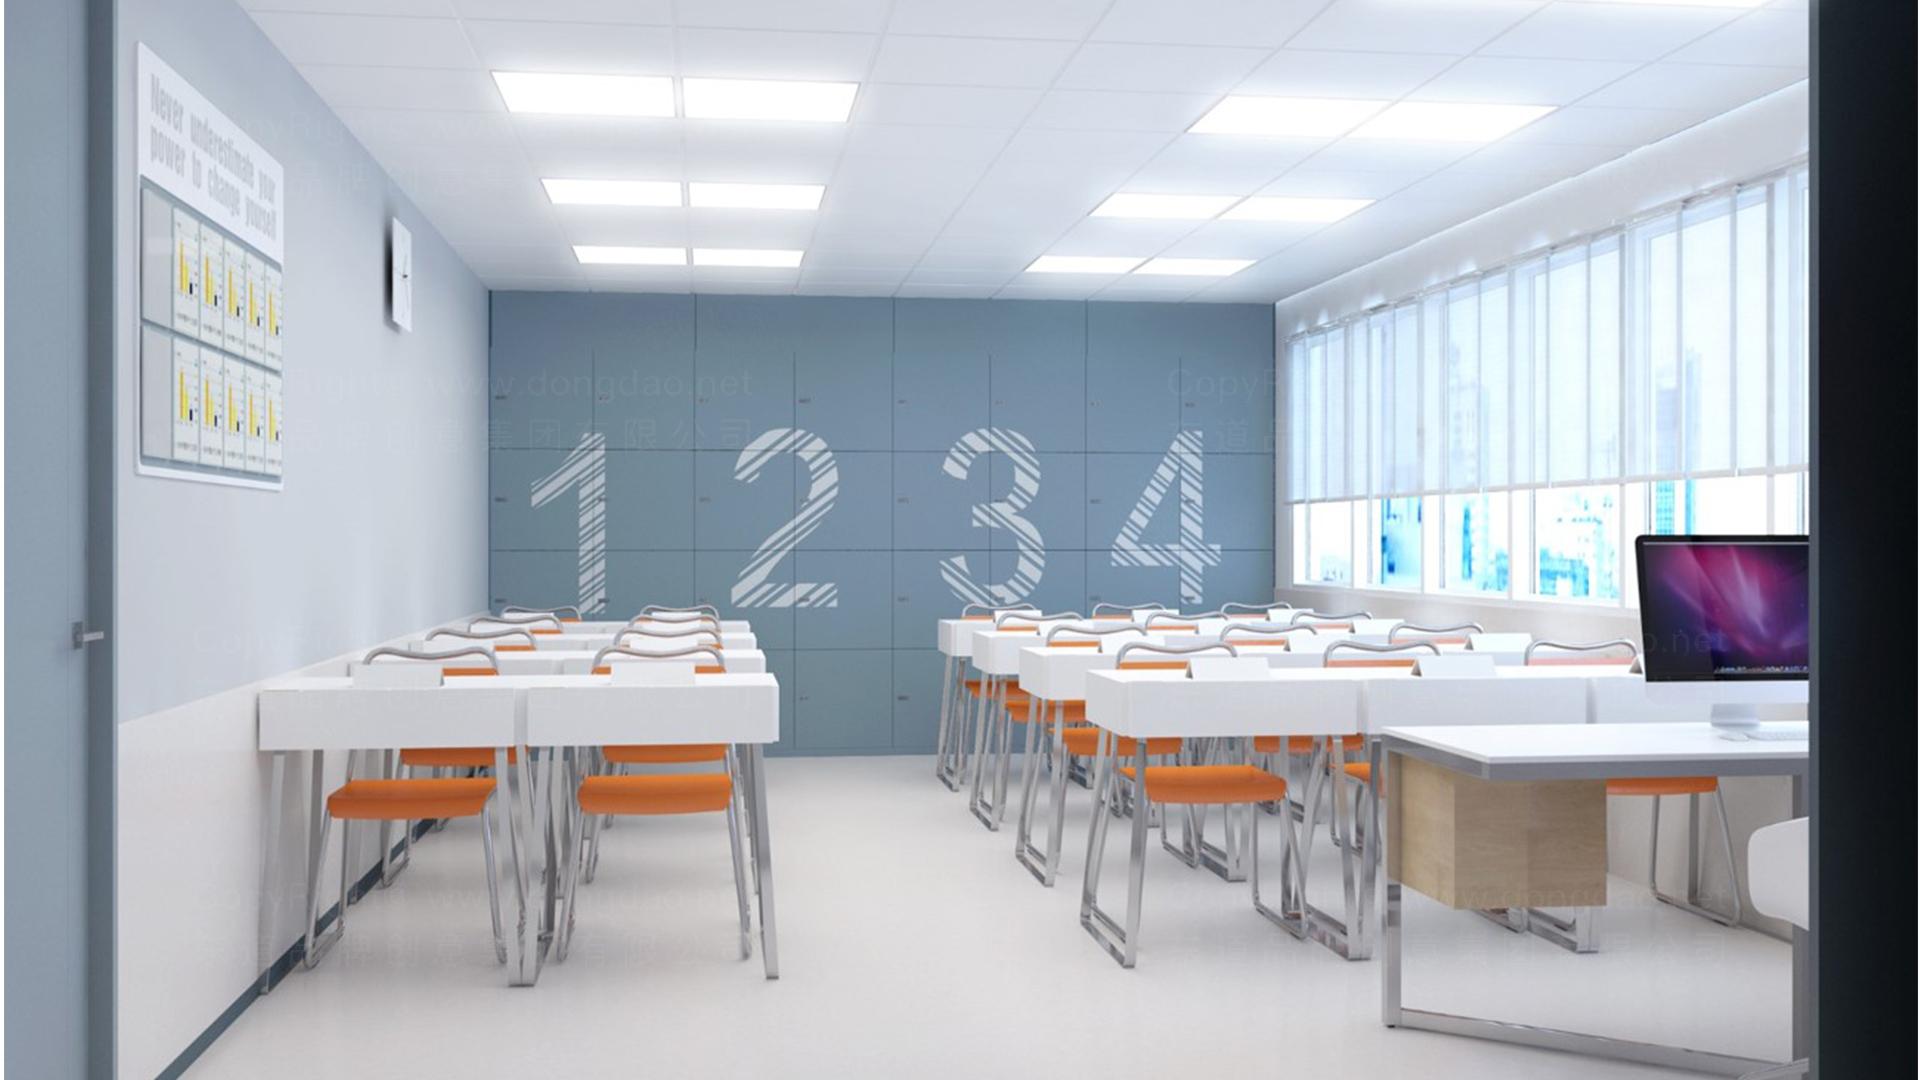 辽宁鸿文教育科技有限公司教育终端SI设计应用场景_4